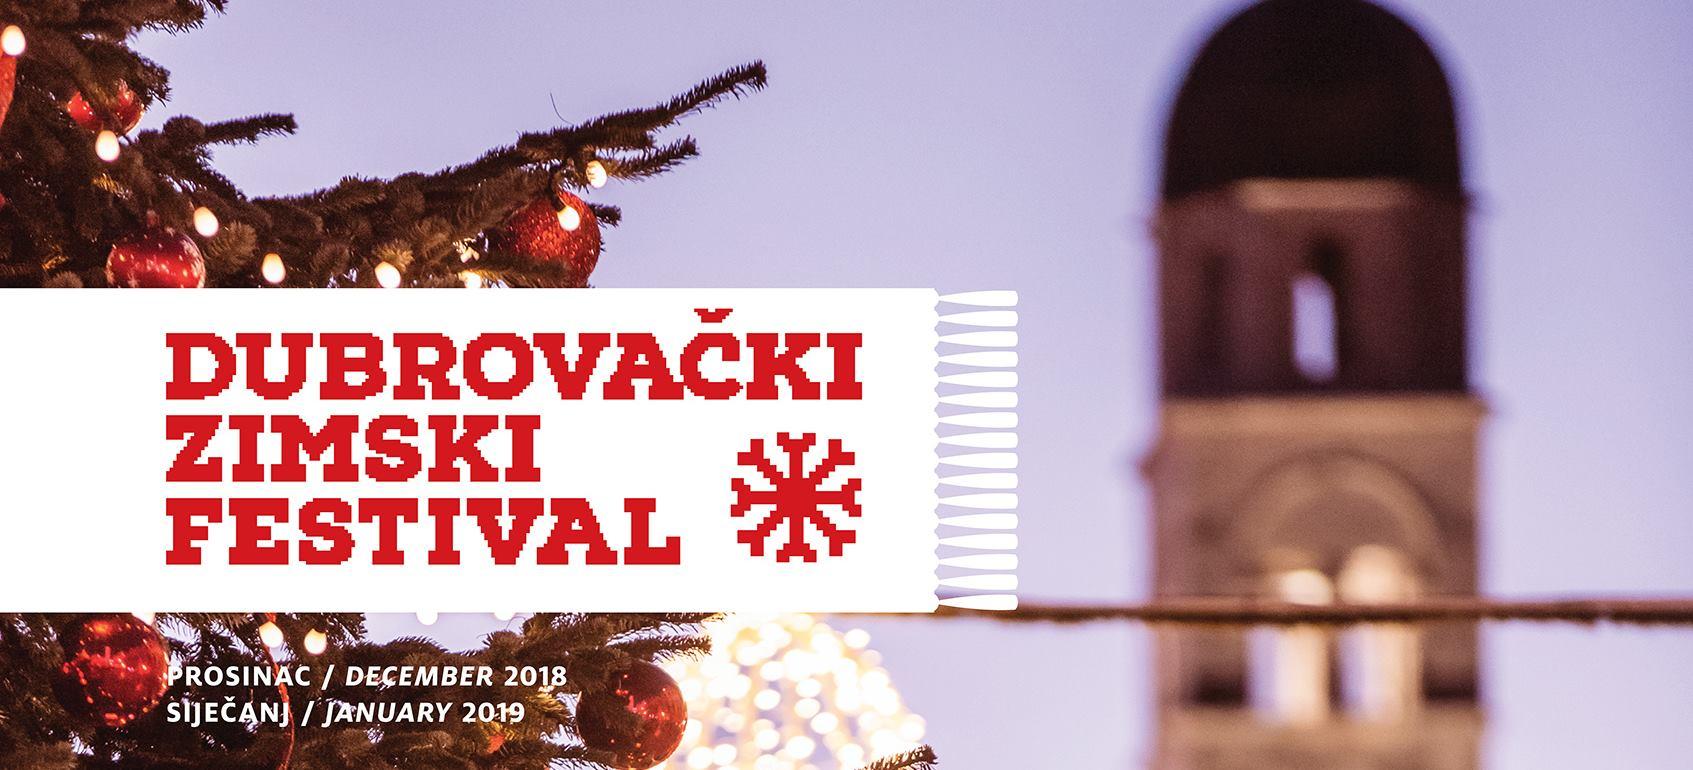 FOTO: 'Dubrovački zimski festival' će se predstaviti u Ljubljani, Zagrebu i Sarajevu